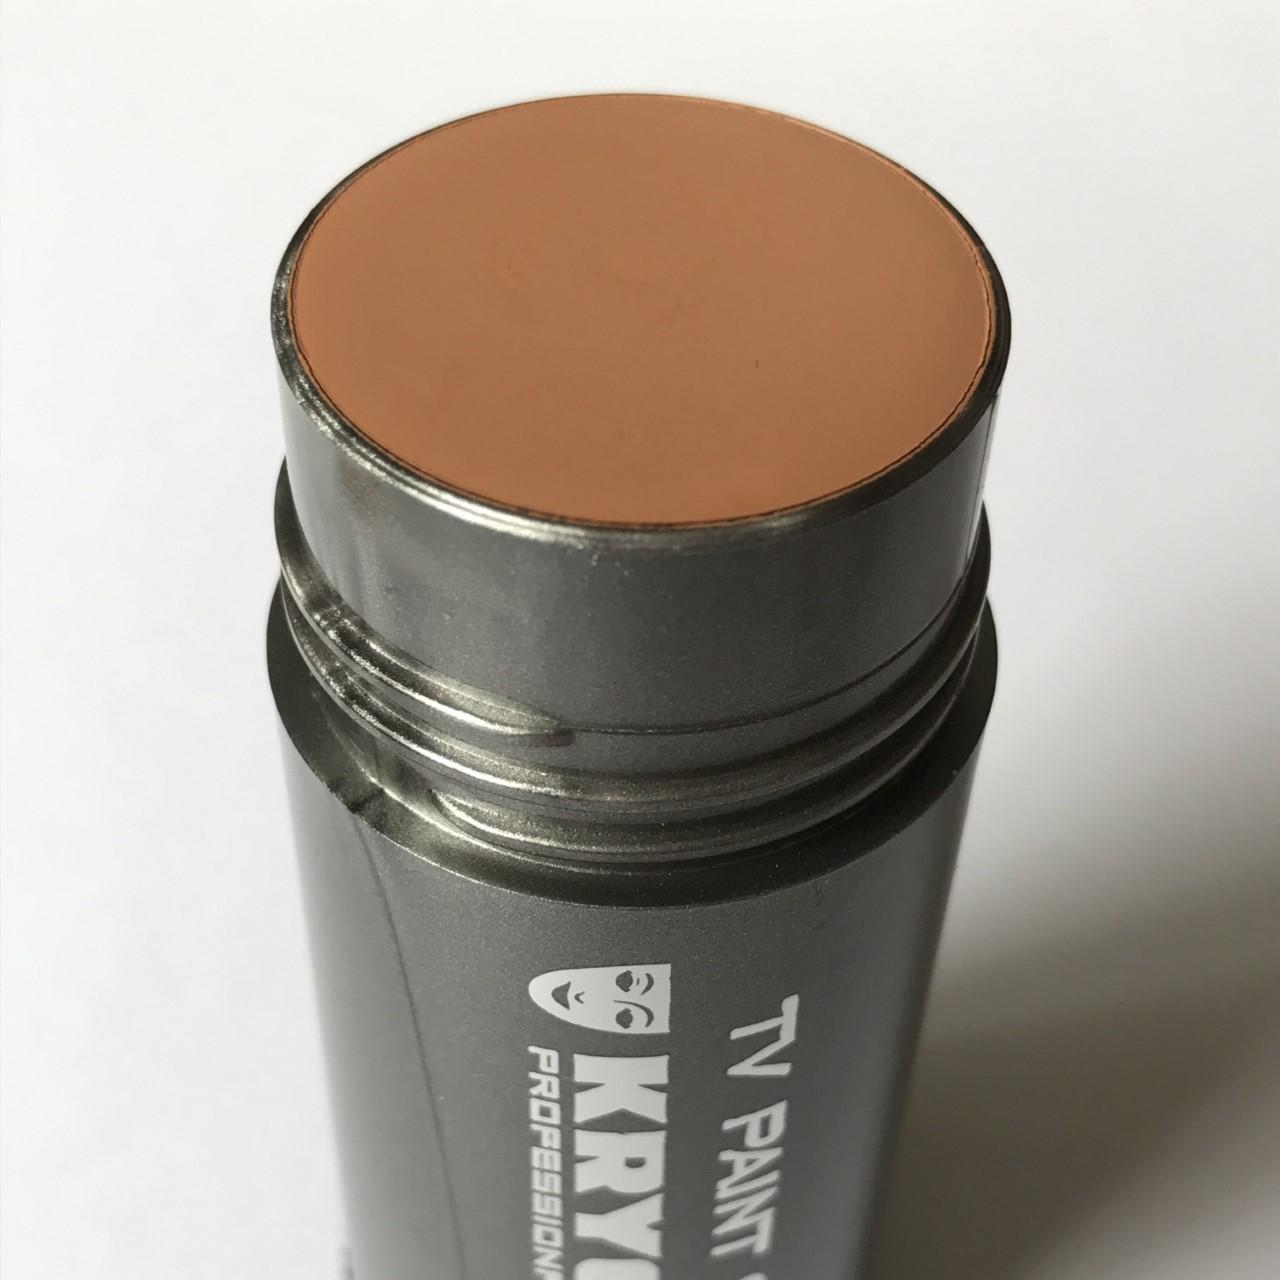 Maquillage kryolan paint stick 5047 w5